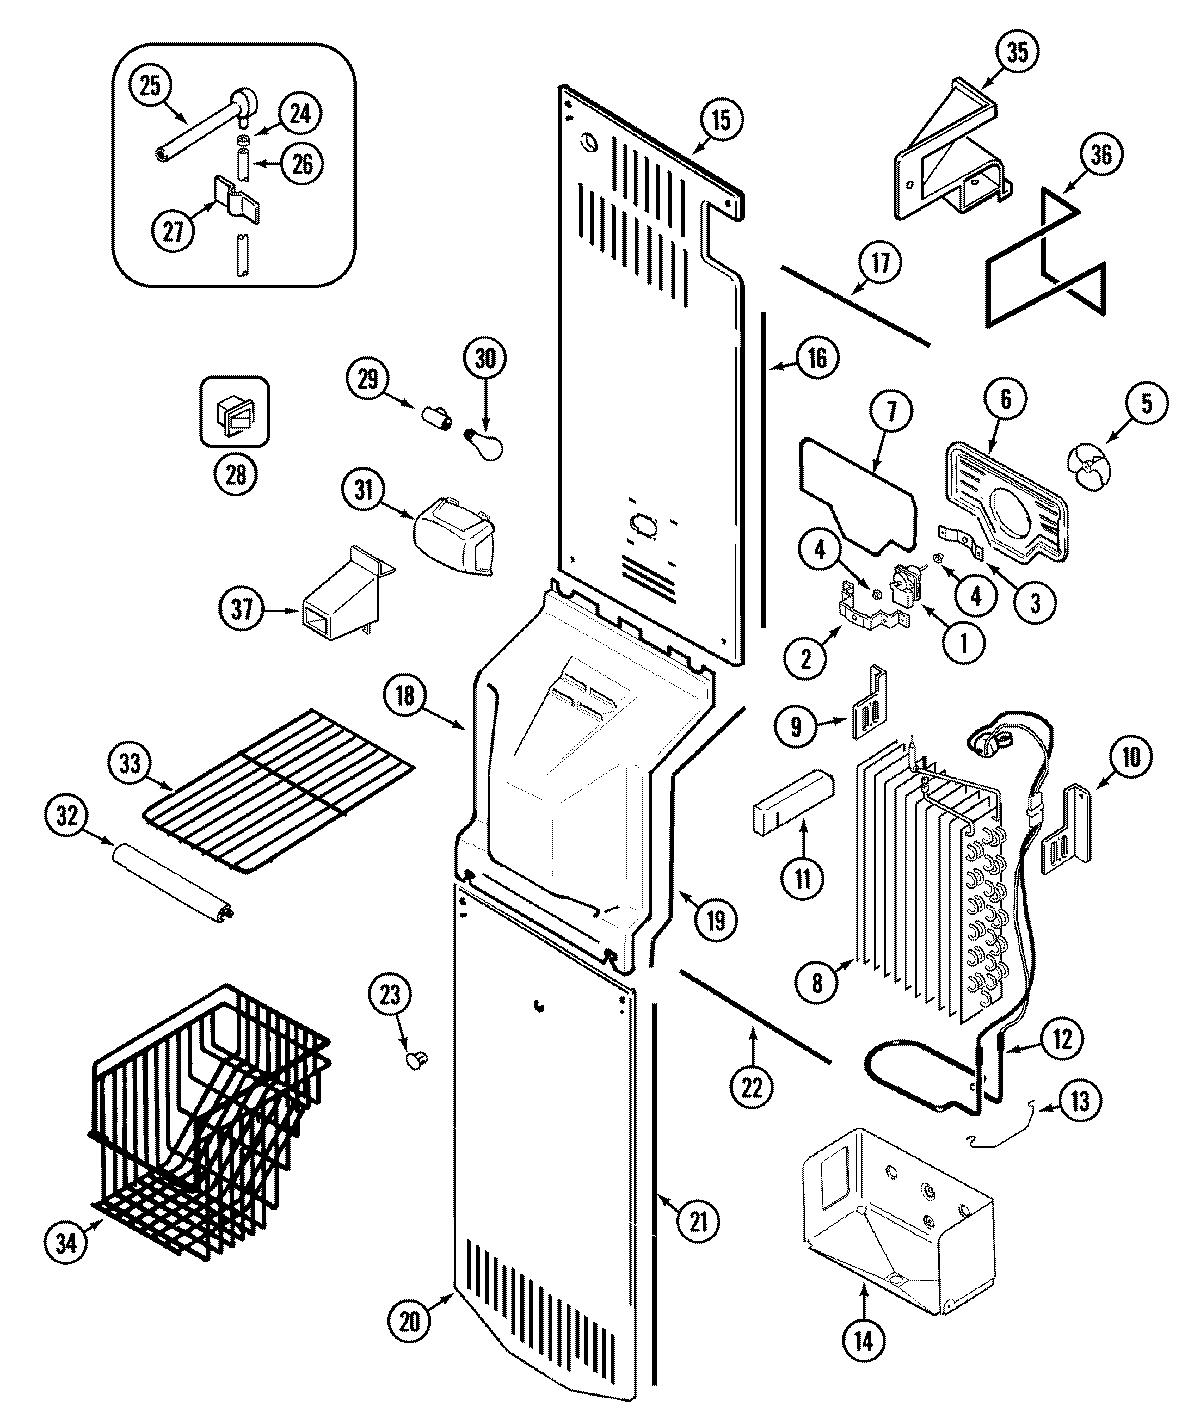 Appliance Parts Southeast Msd Grw Freezer Components